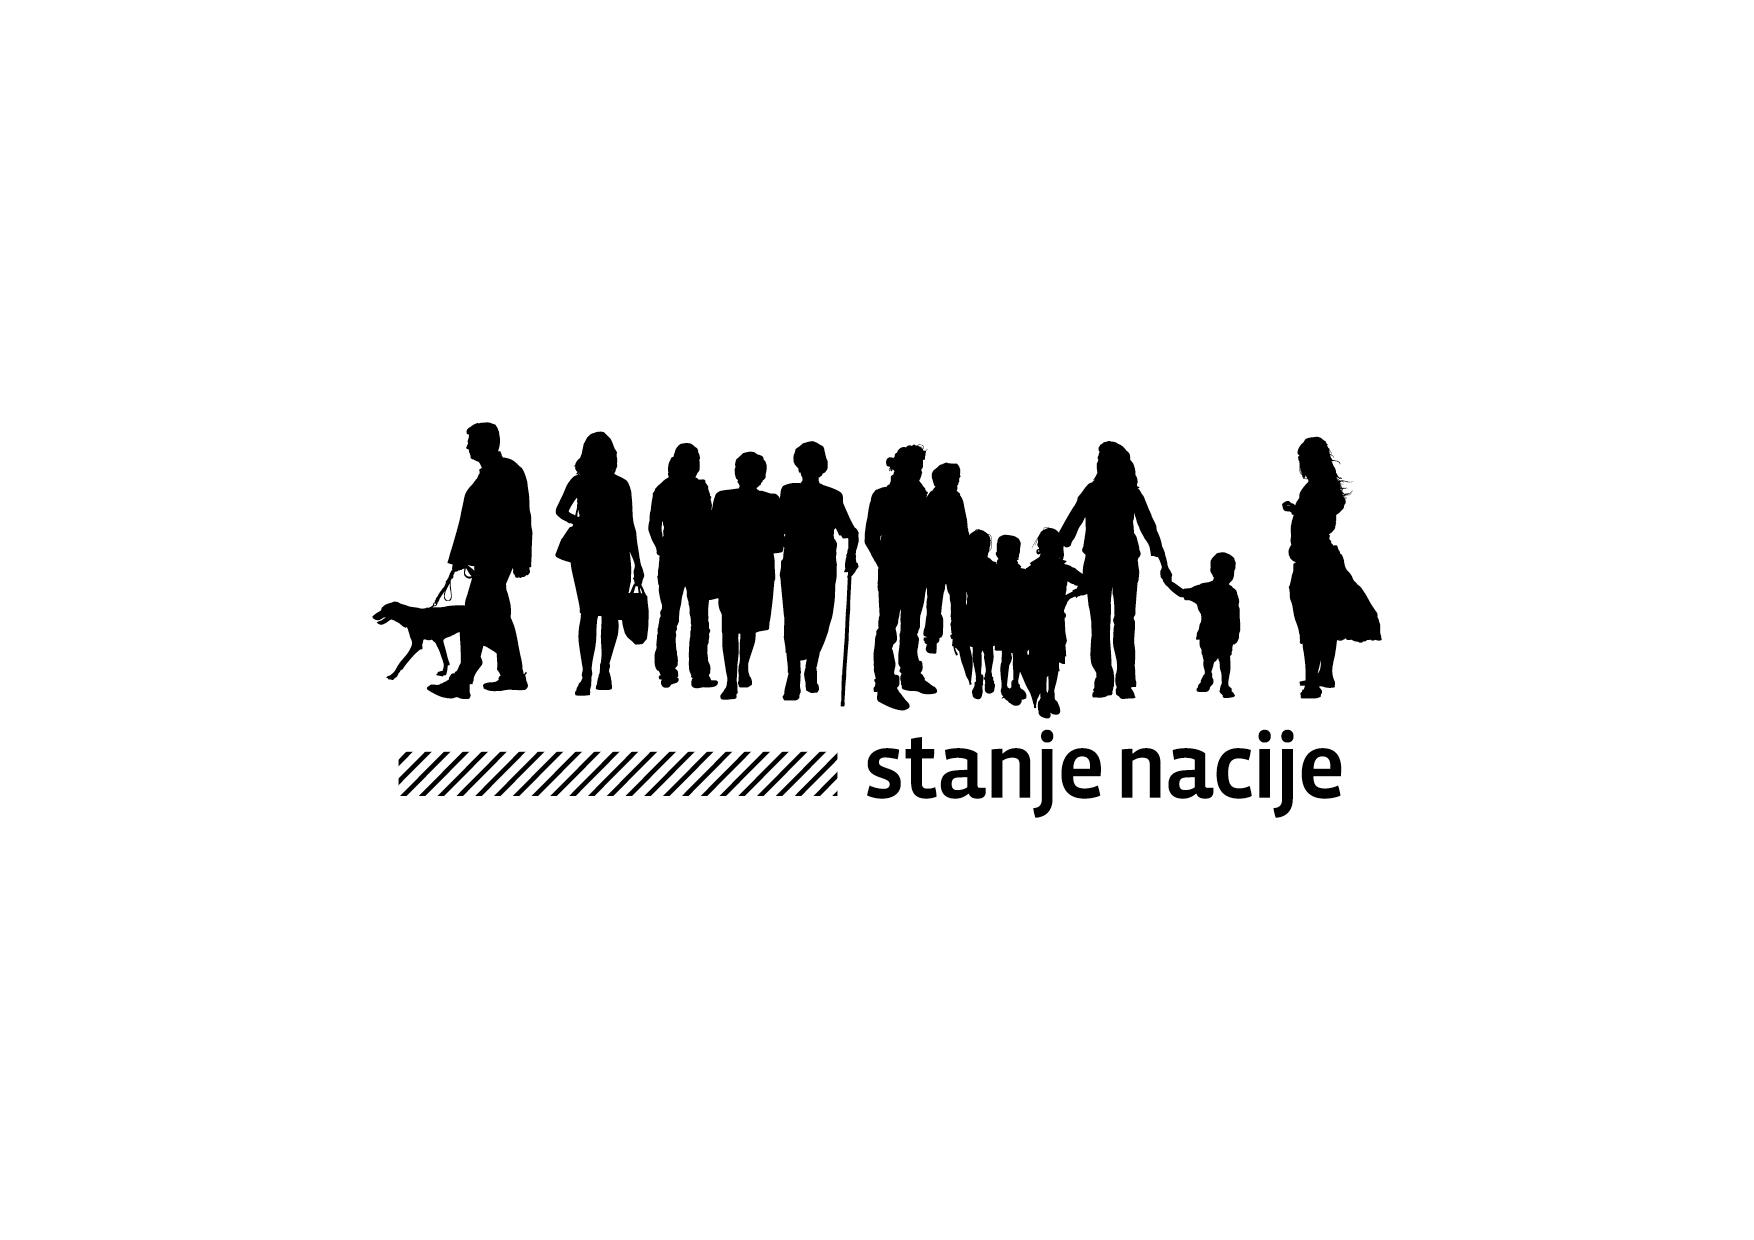 stanje nacije-logo.png